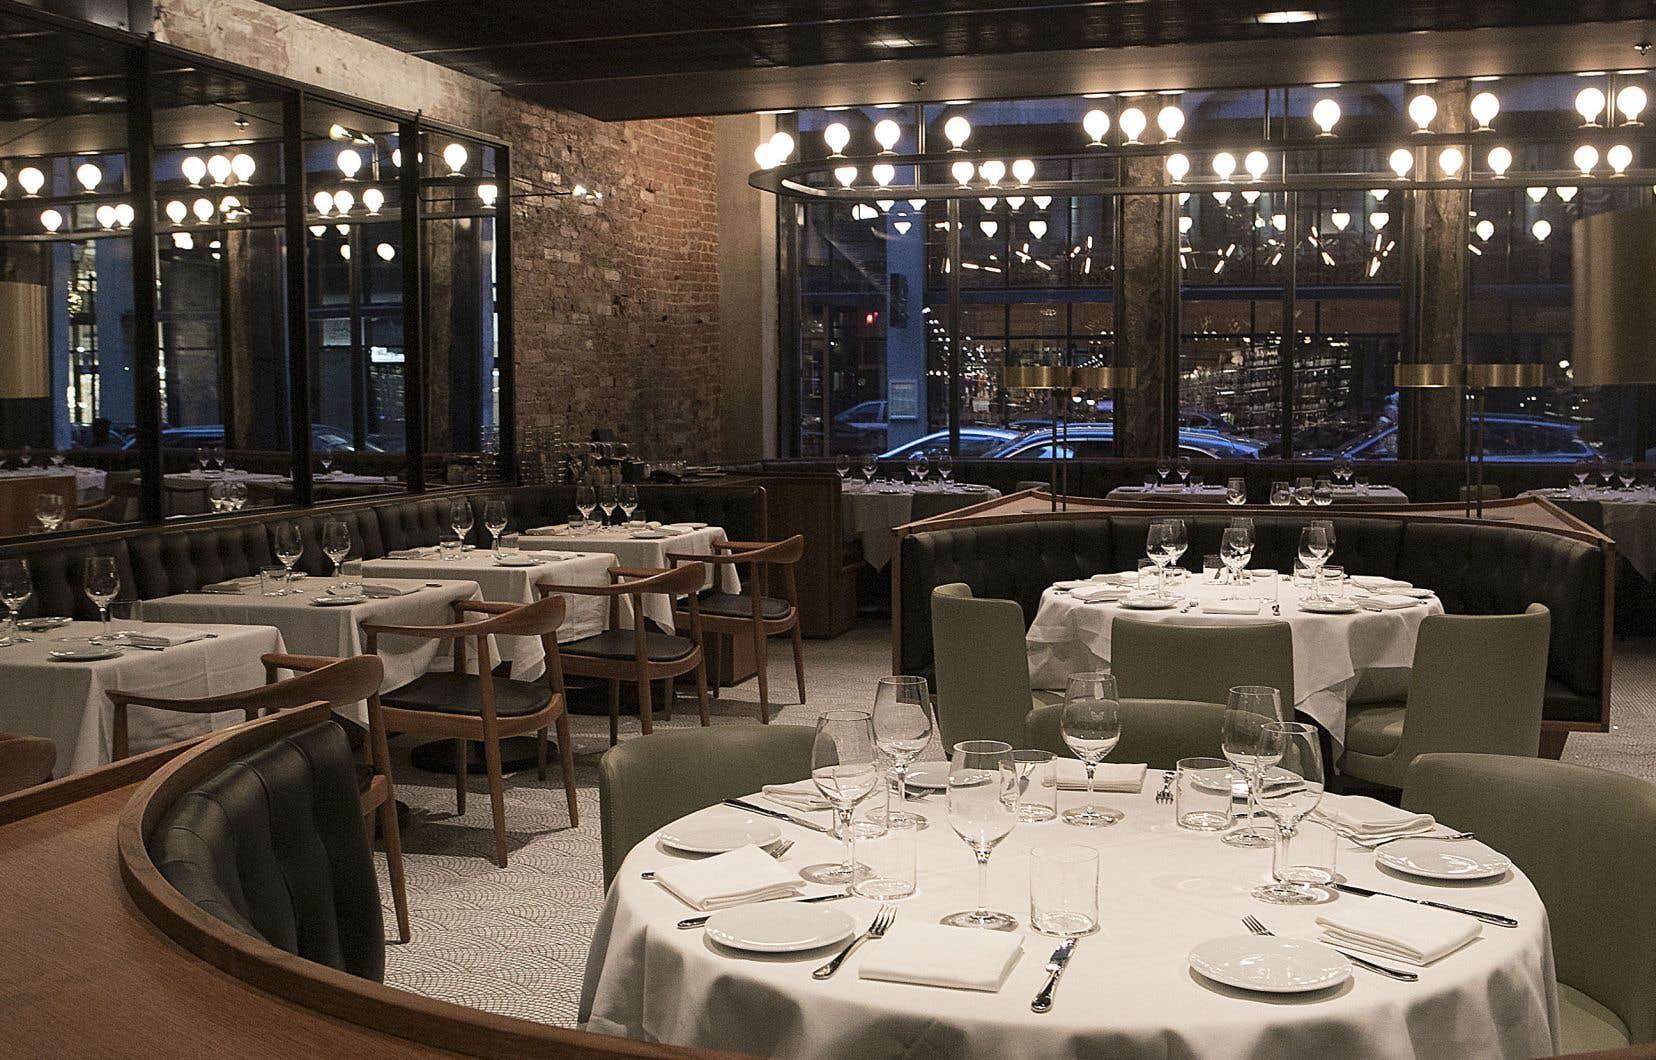 De la porte d'entrée, rue Saint-Jacques, on peut apercevoir à l'autre extrémité du restaurant les grandes baies vitrées qui donnent sur la rue Notre-Dame.